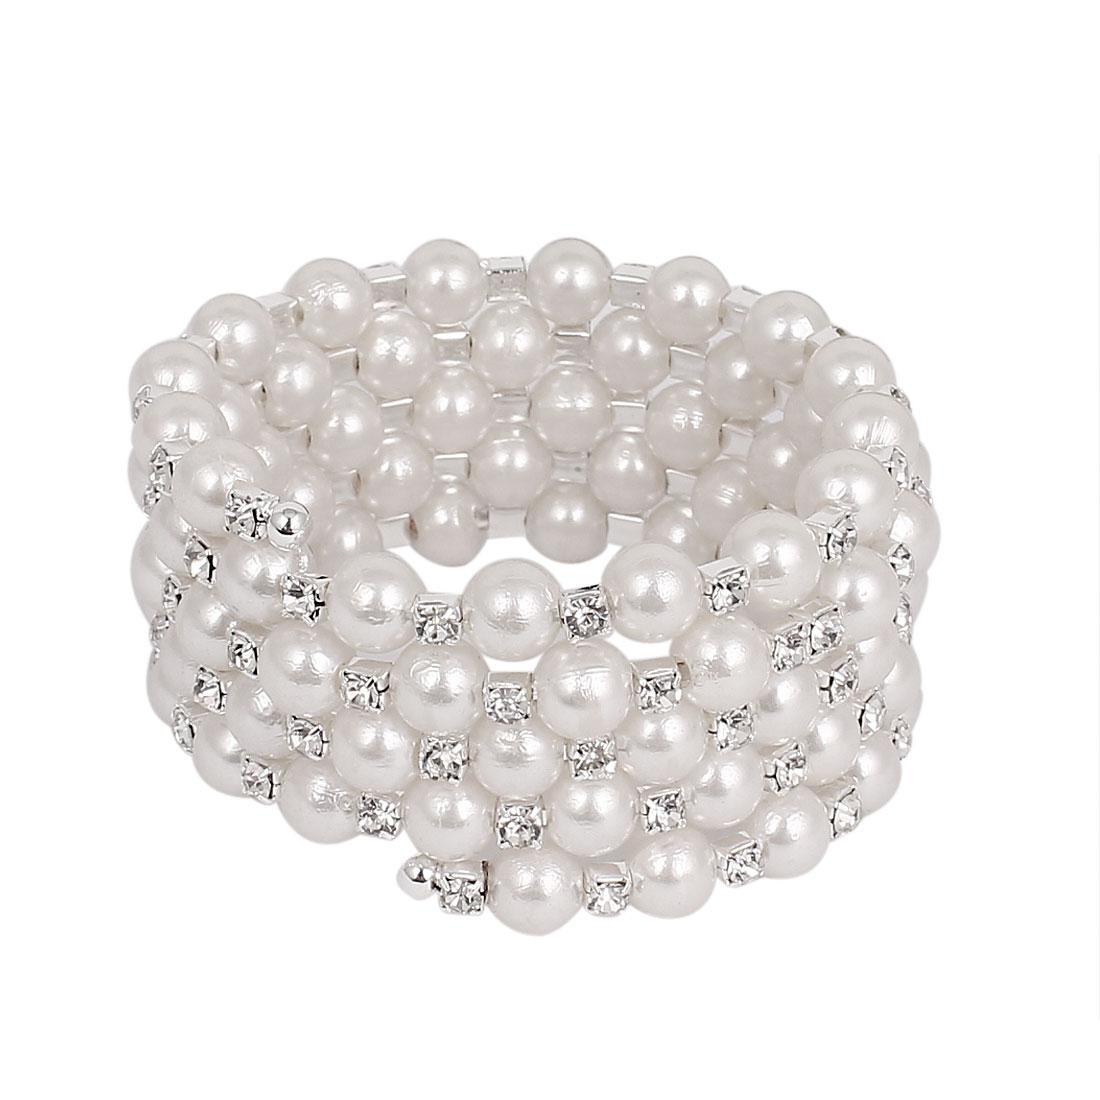 Lady Faux Rhinestone Imitation Pearl Linked 5-Layer Multi Strand Bracelet Bangle White